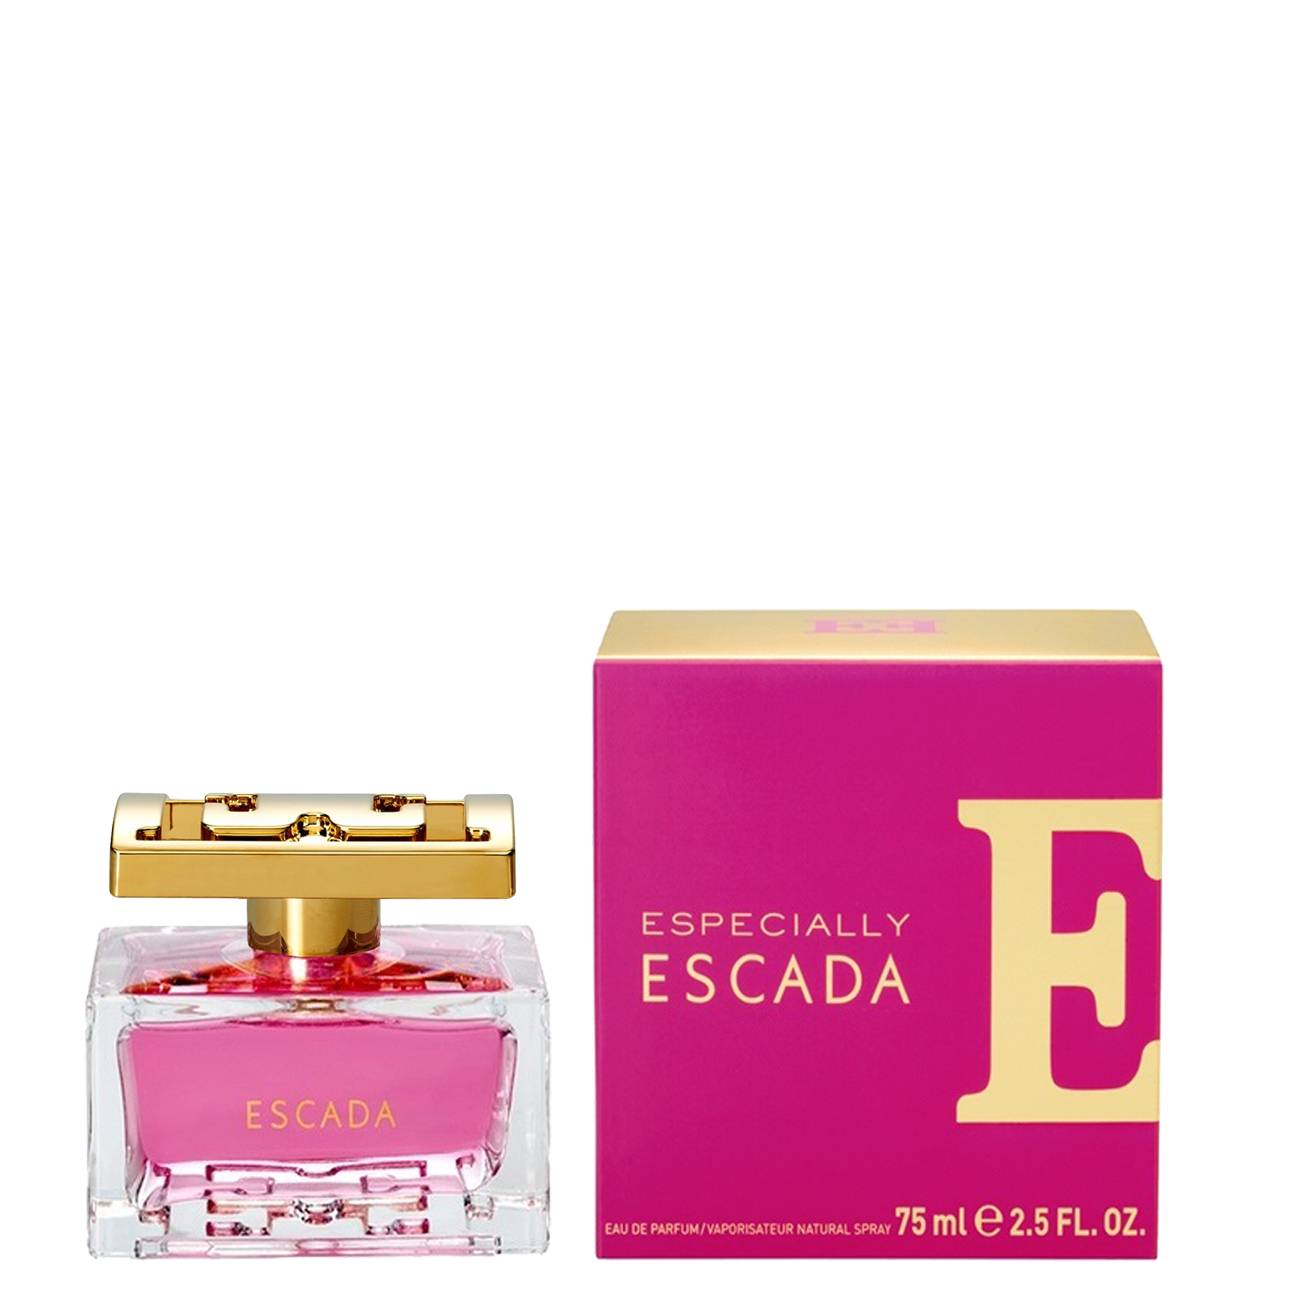 Especially Escada 75 Ml 75ml imagine